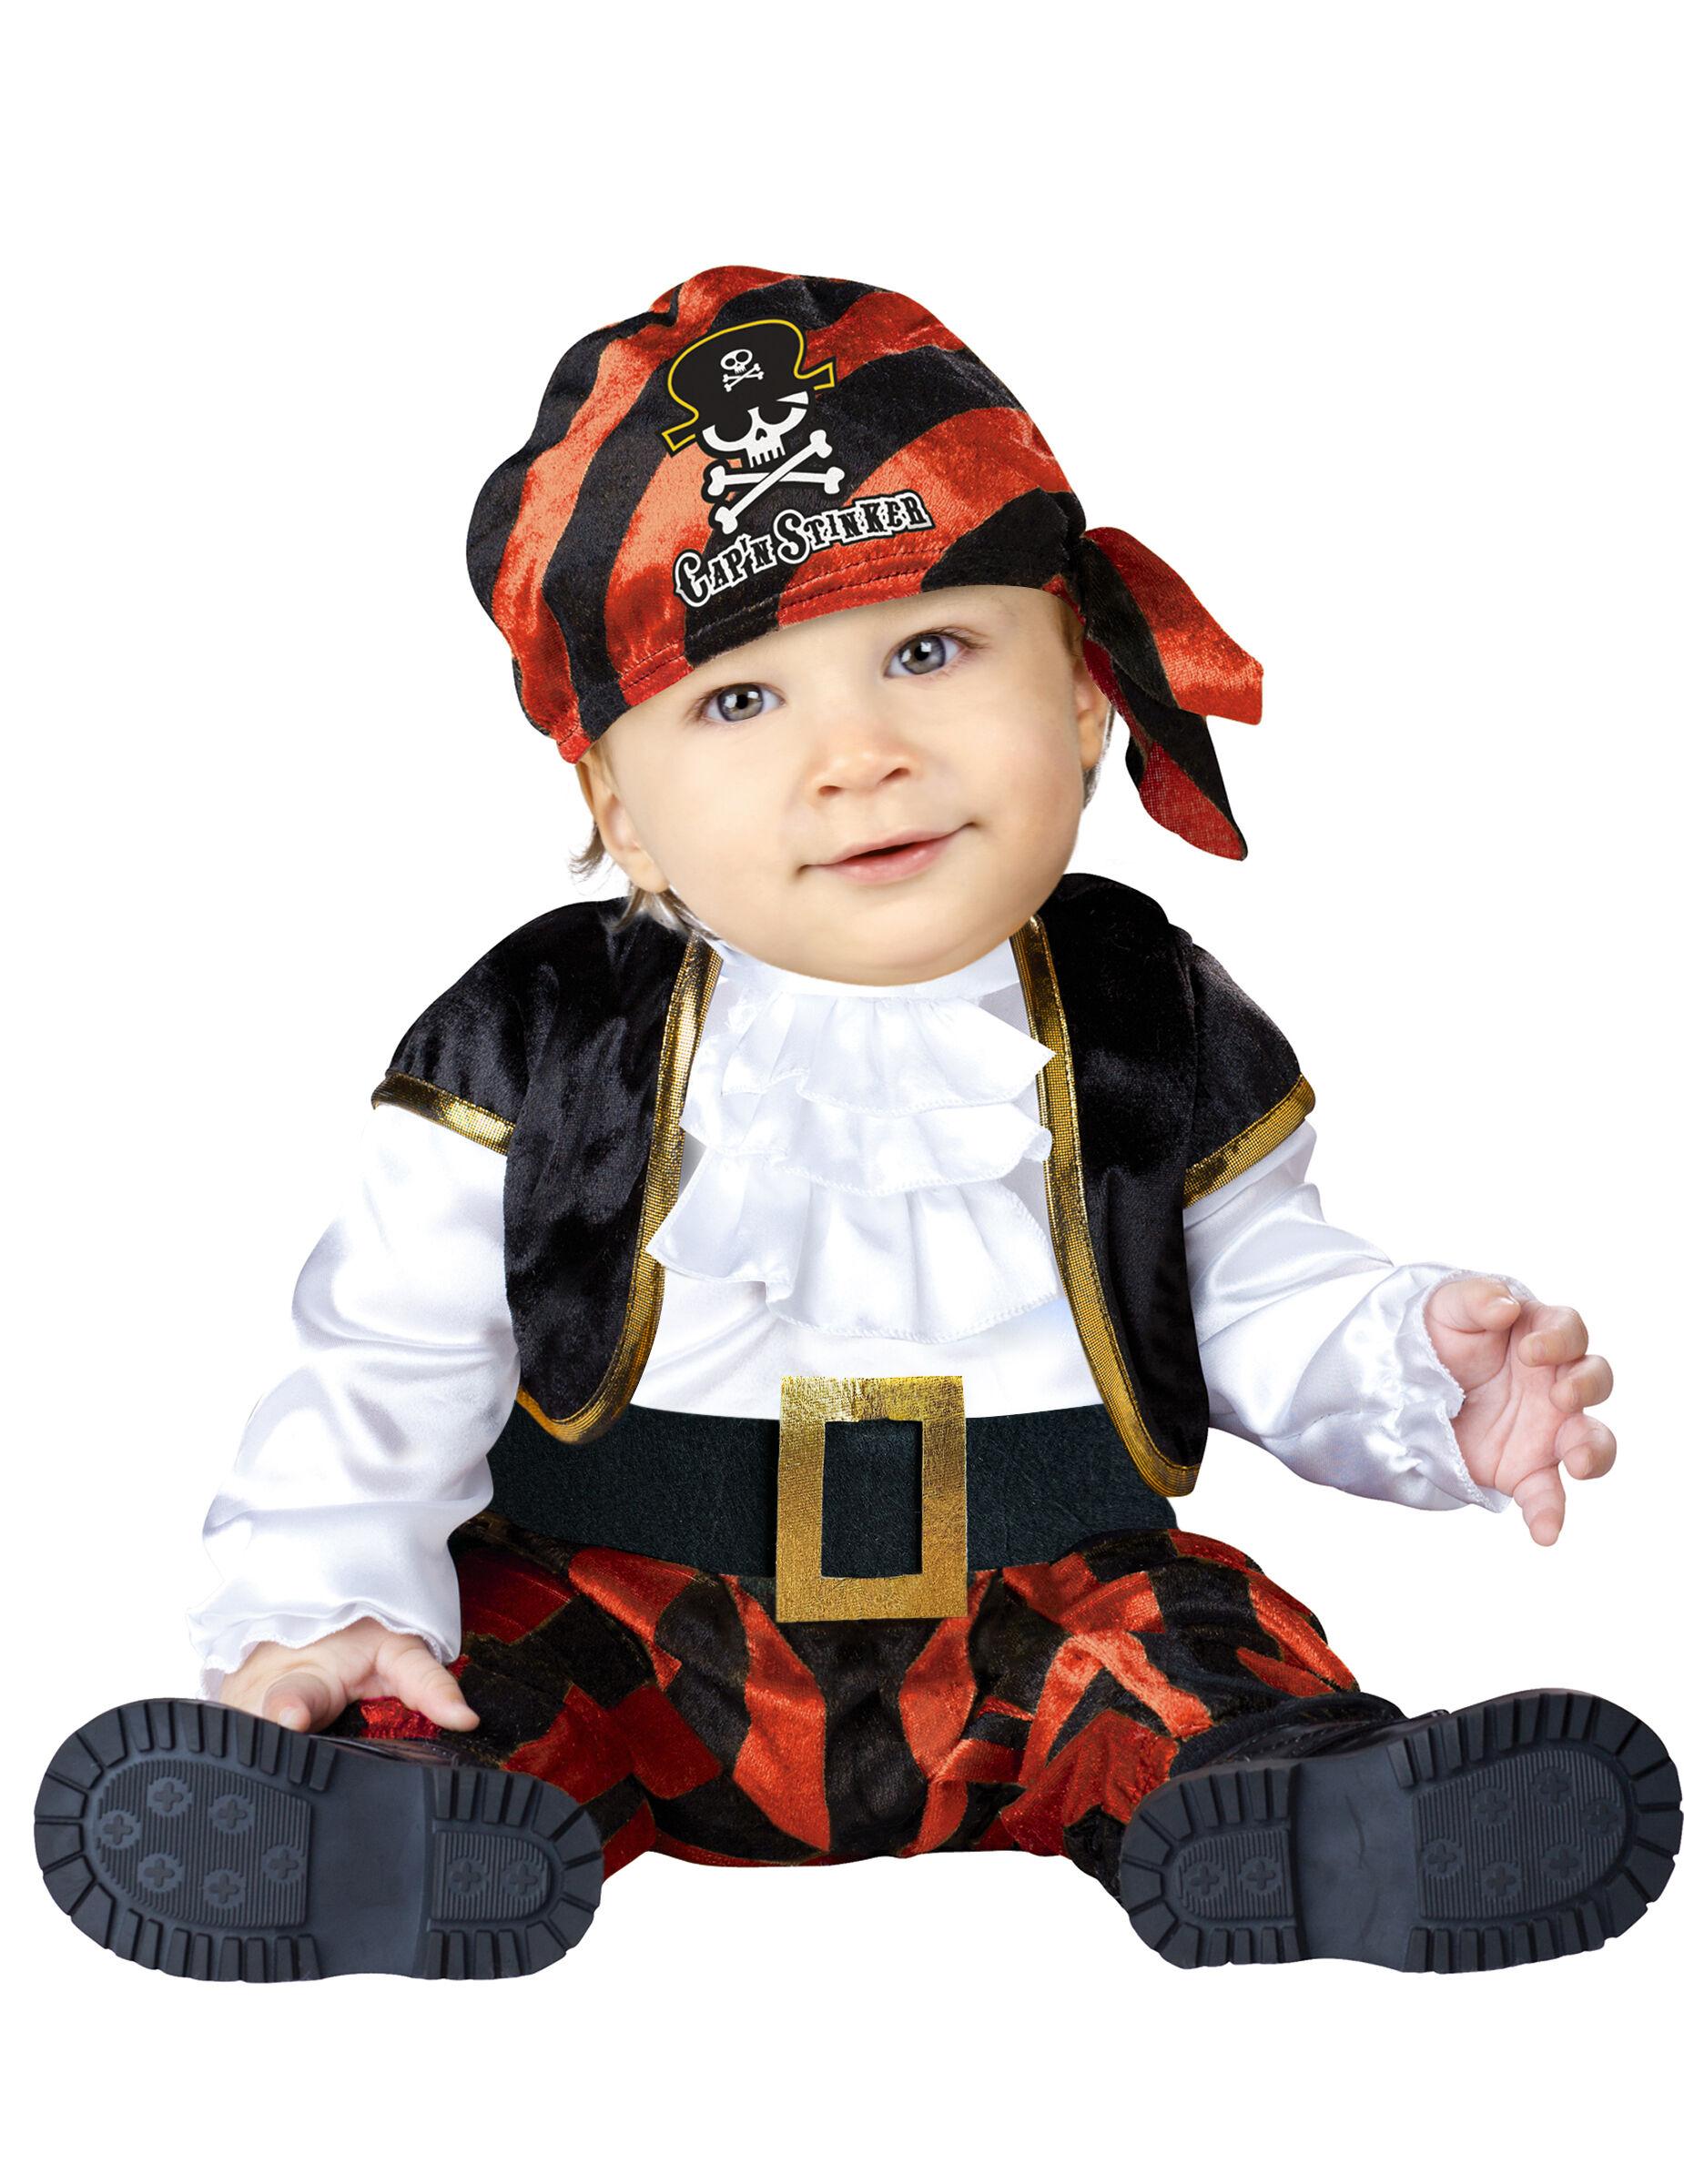 VegaooParty Déguisement Pirate pour bébé - Classique - Taille: 6-12 mois (66-74 cm)